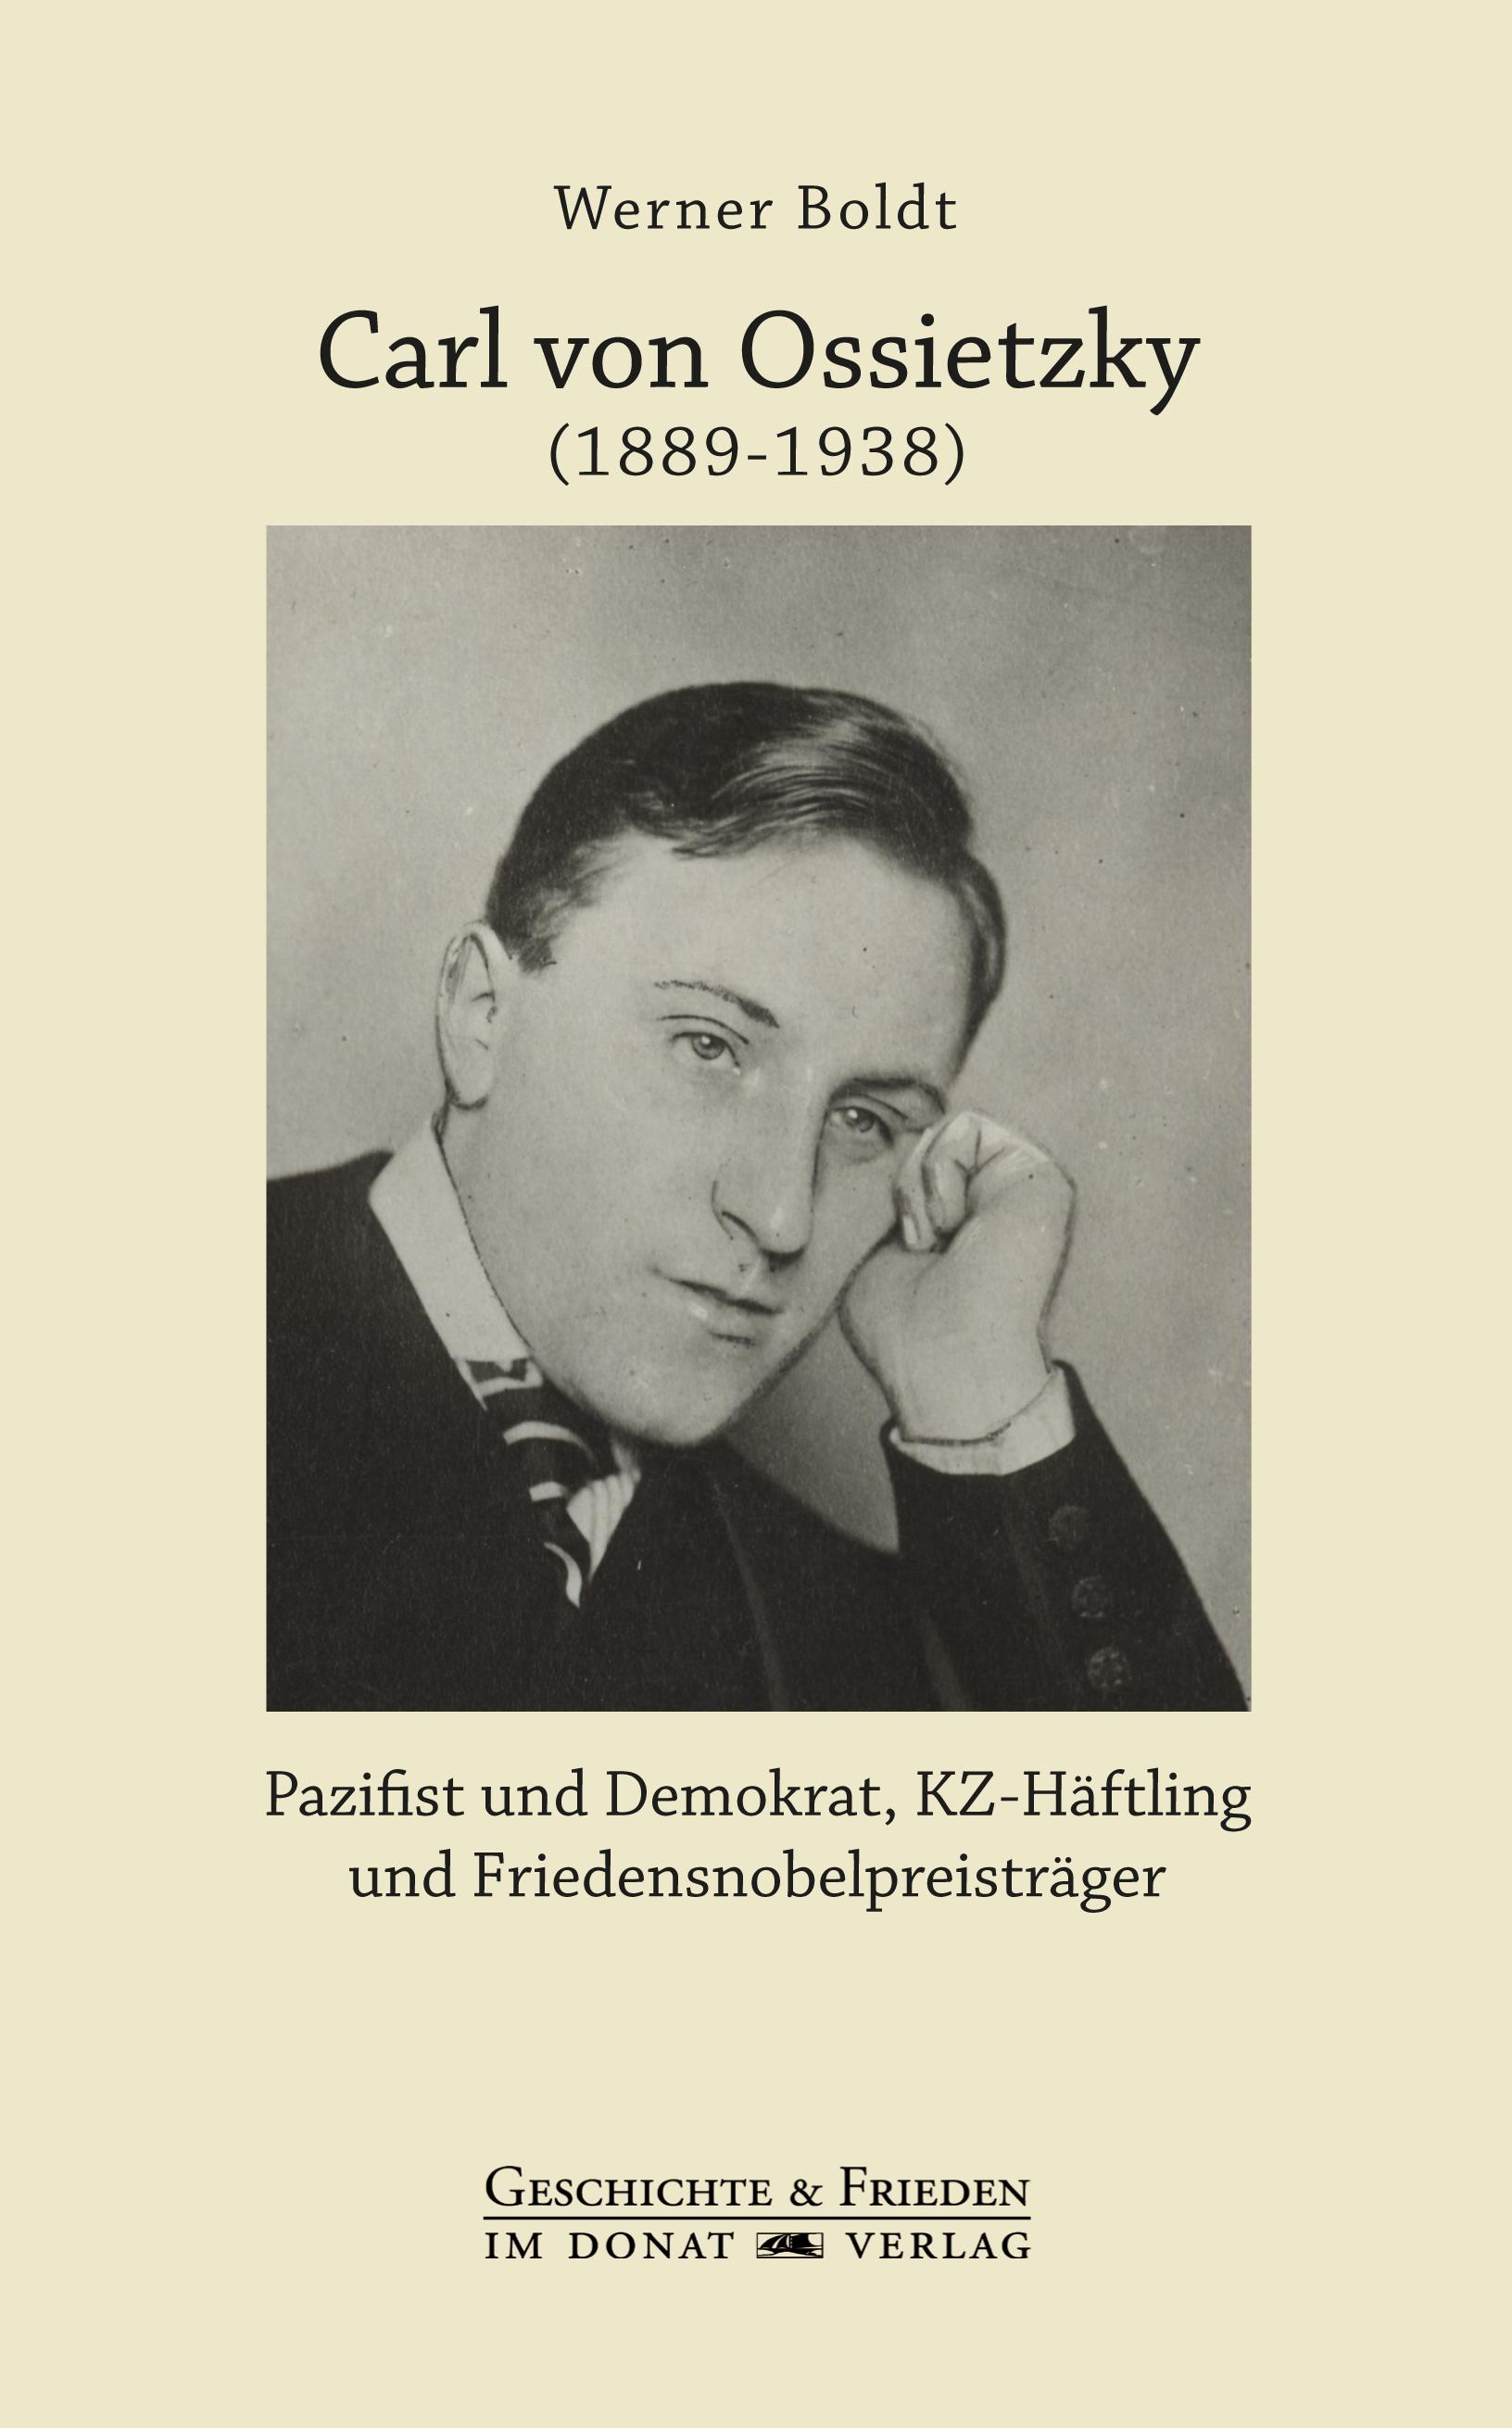 Carl von Ossietzky (1889-1938)